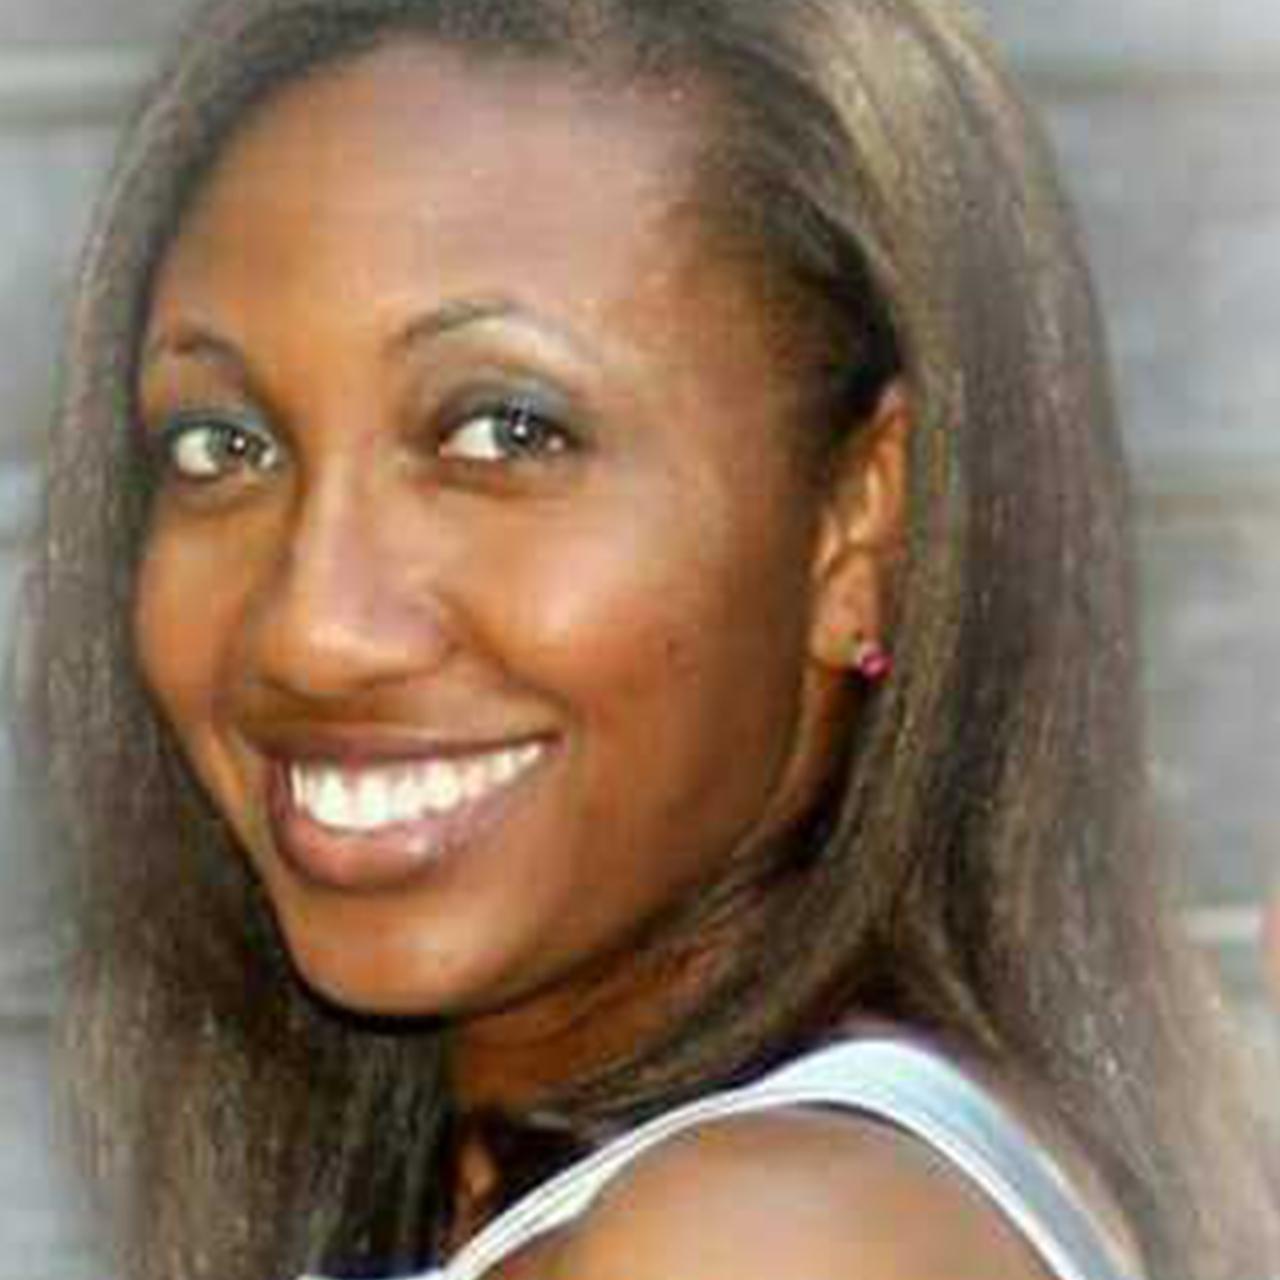 Daisha Miller